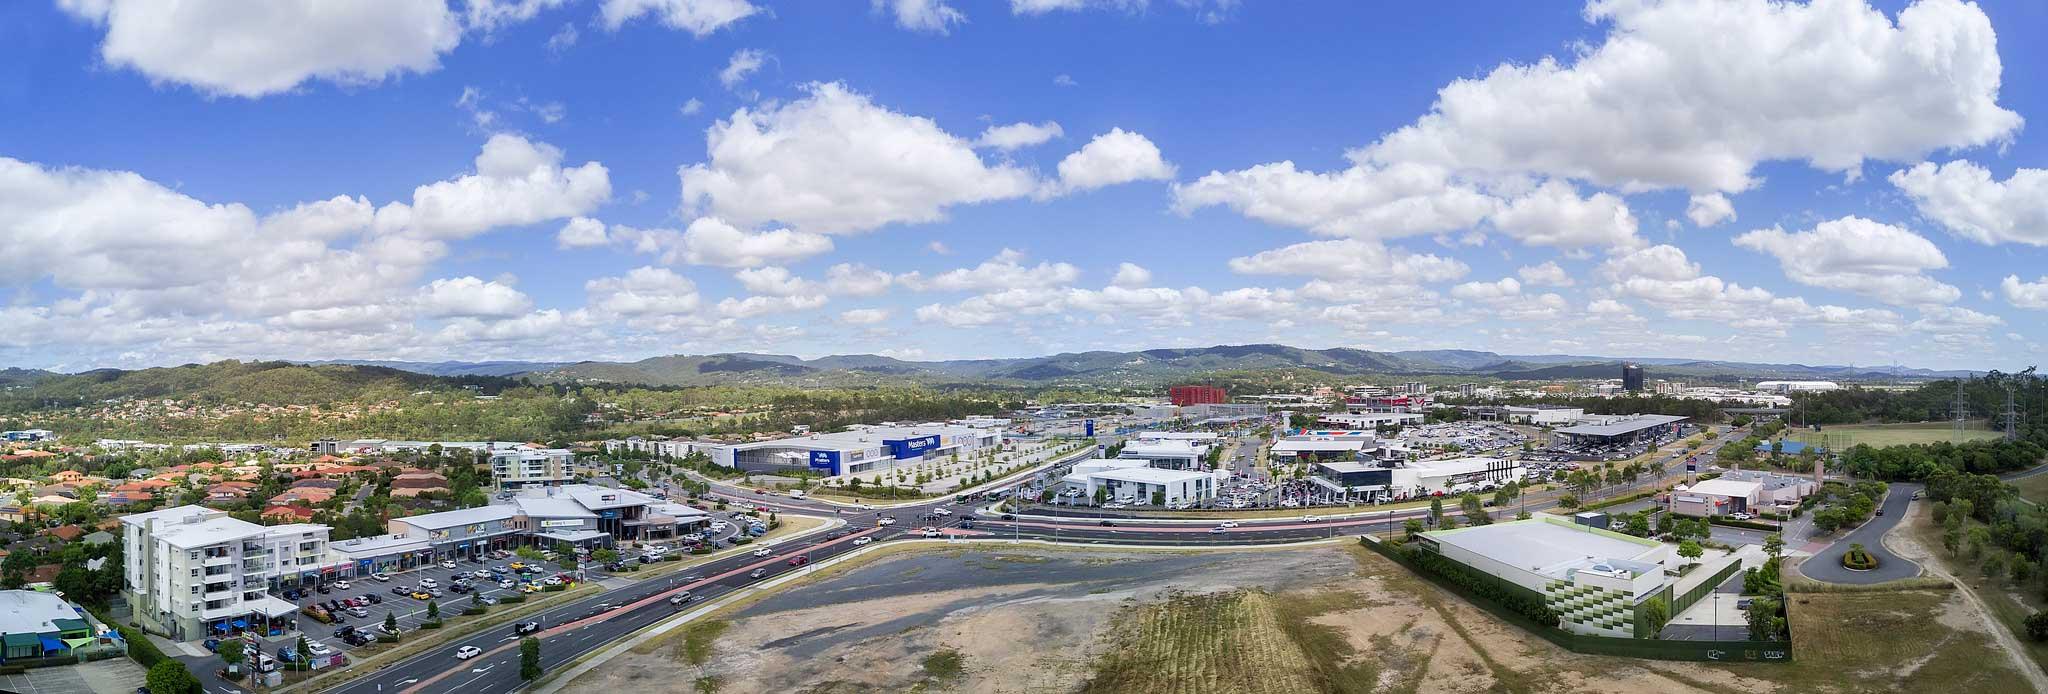 Robina Shopping precinct aerial panorama DroneAce